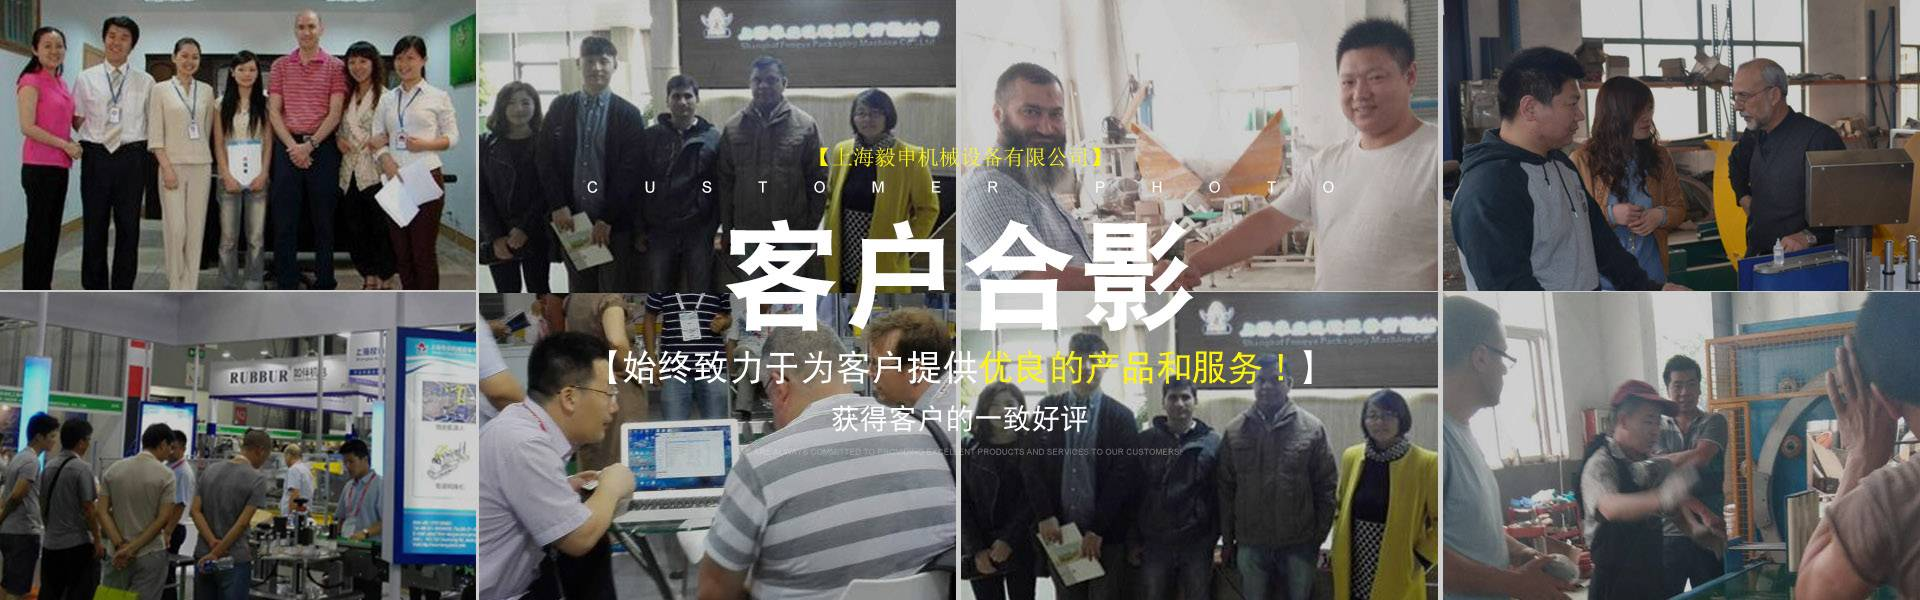 上海毅申机械设备有限公司